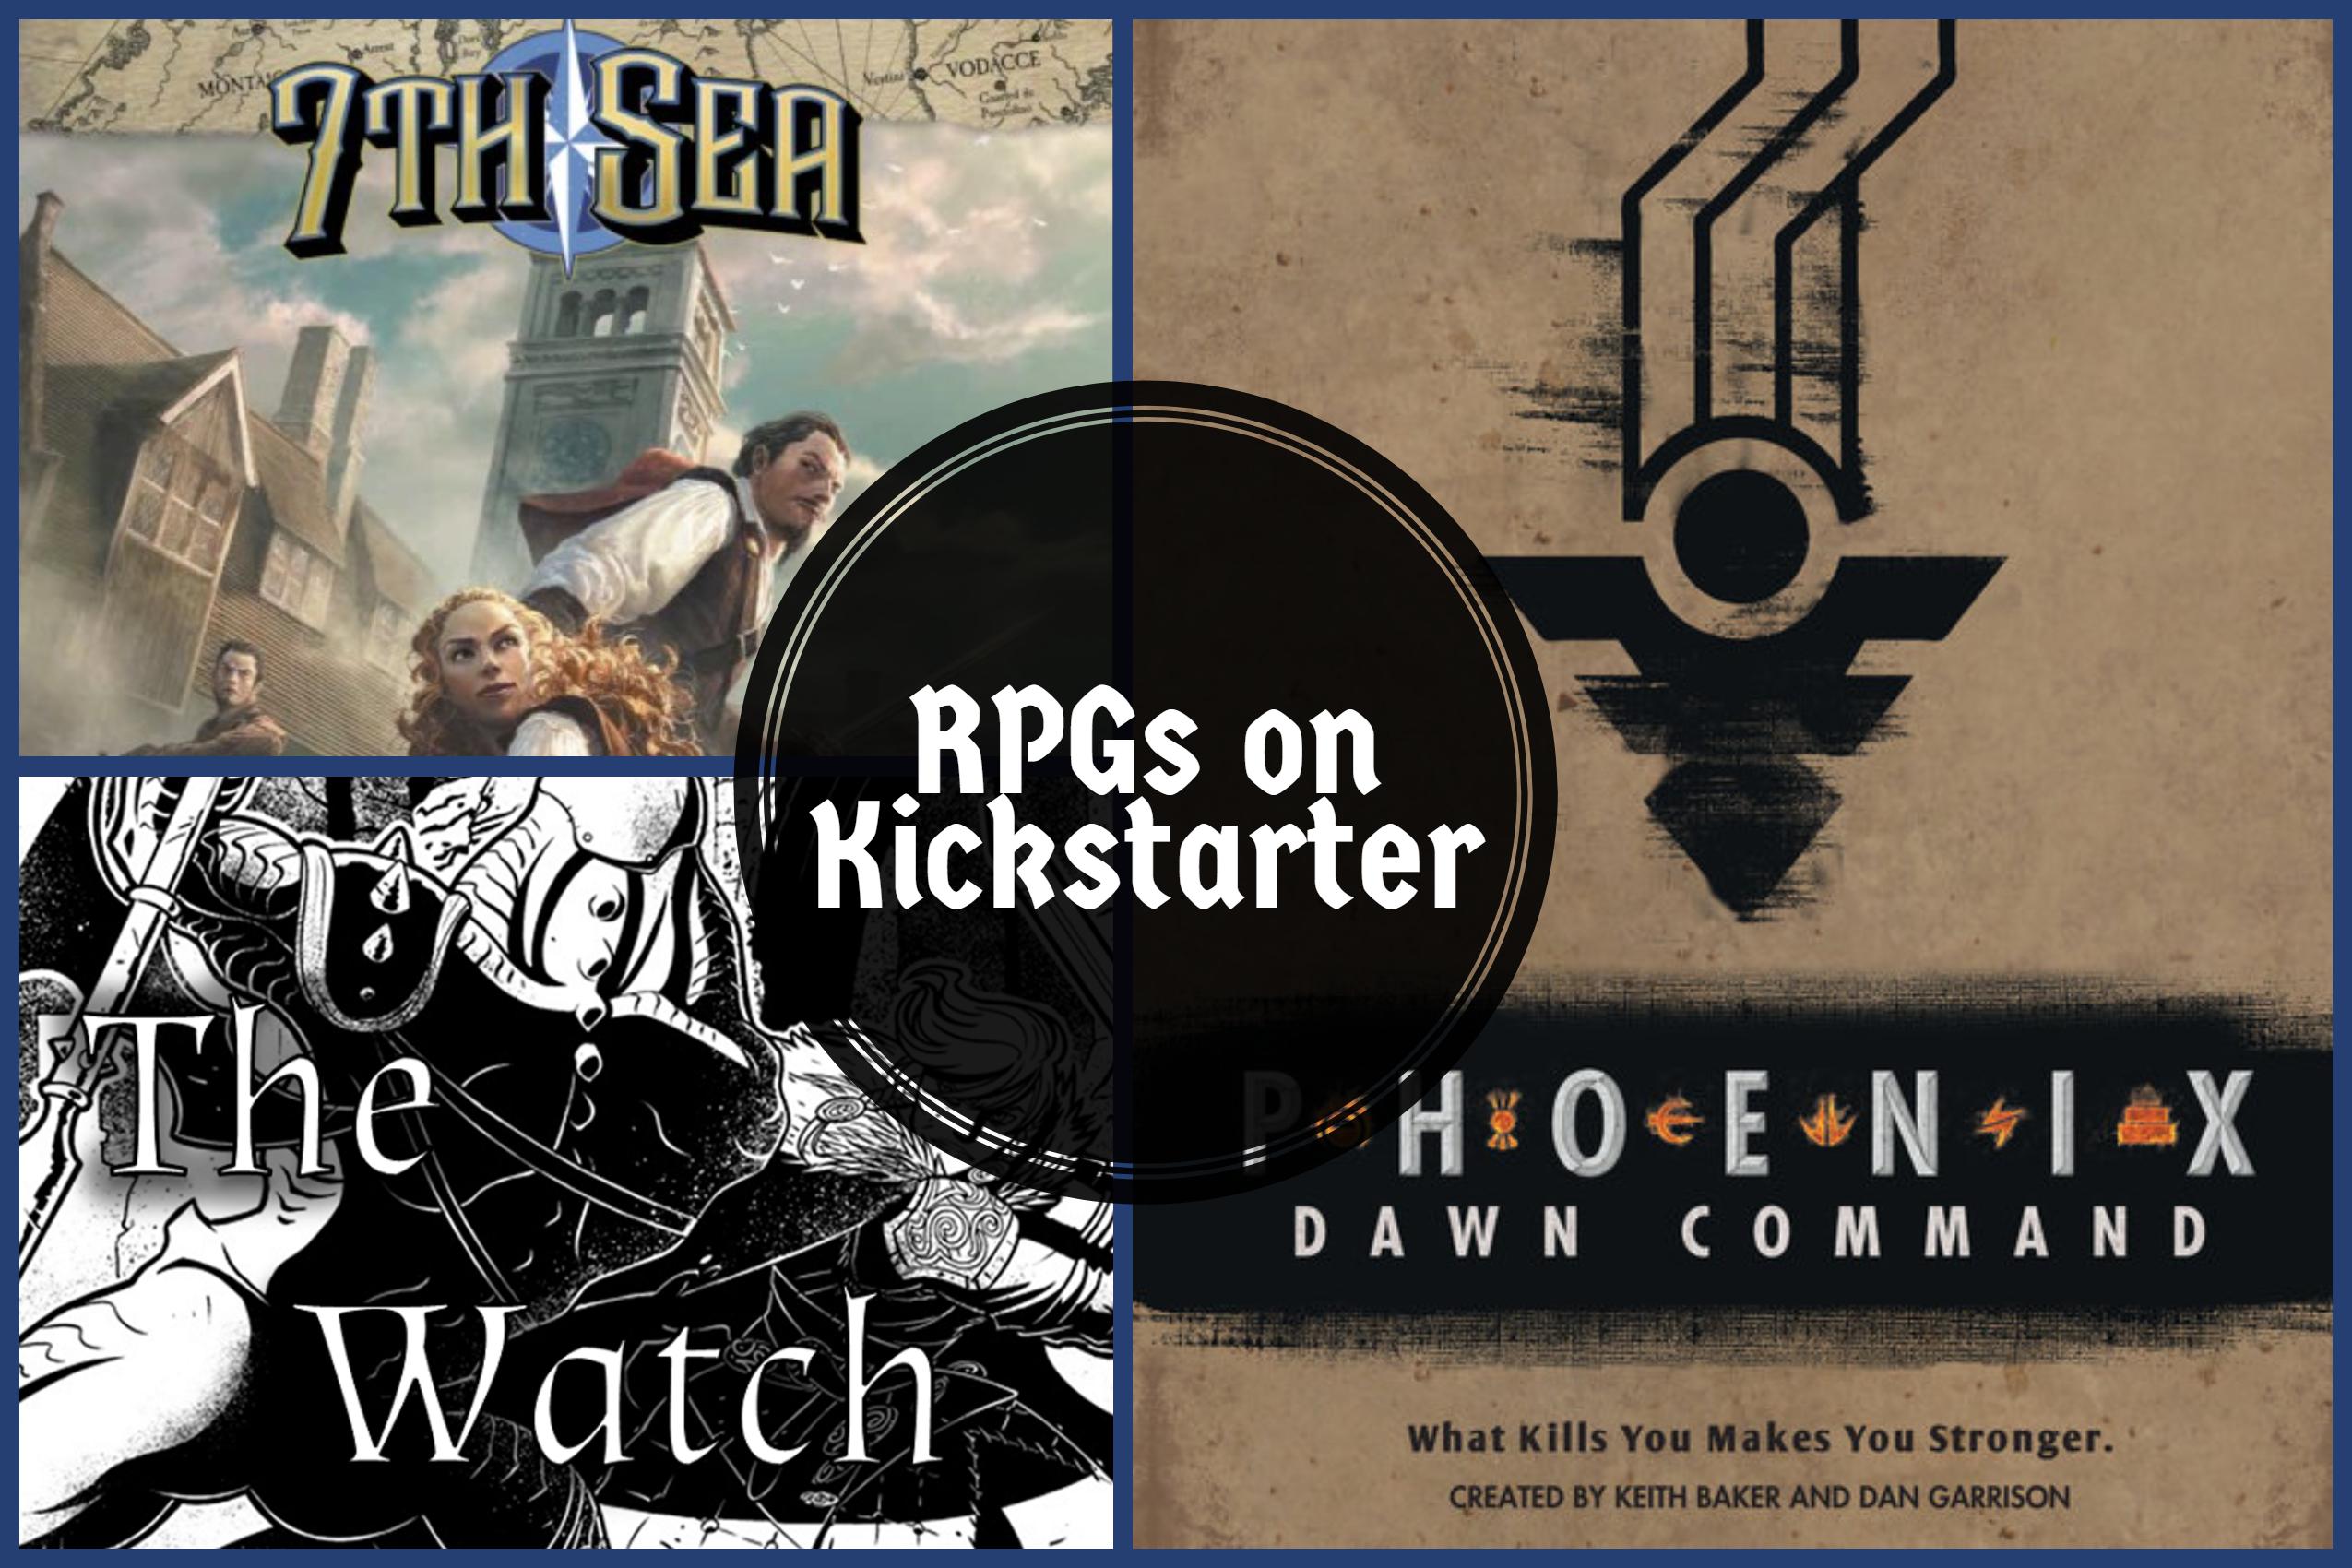 RPGs on Kickstarter